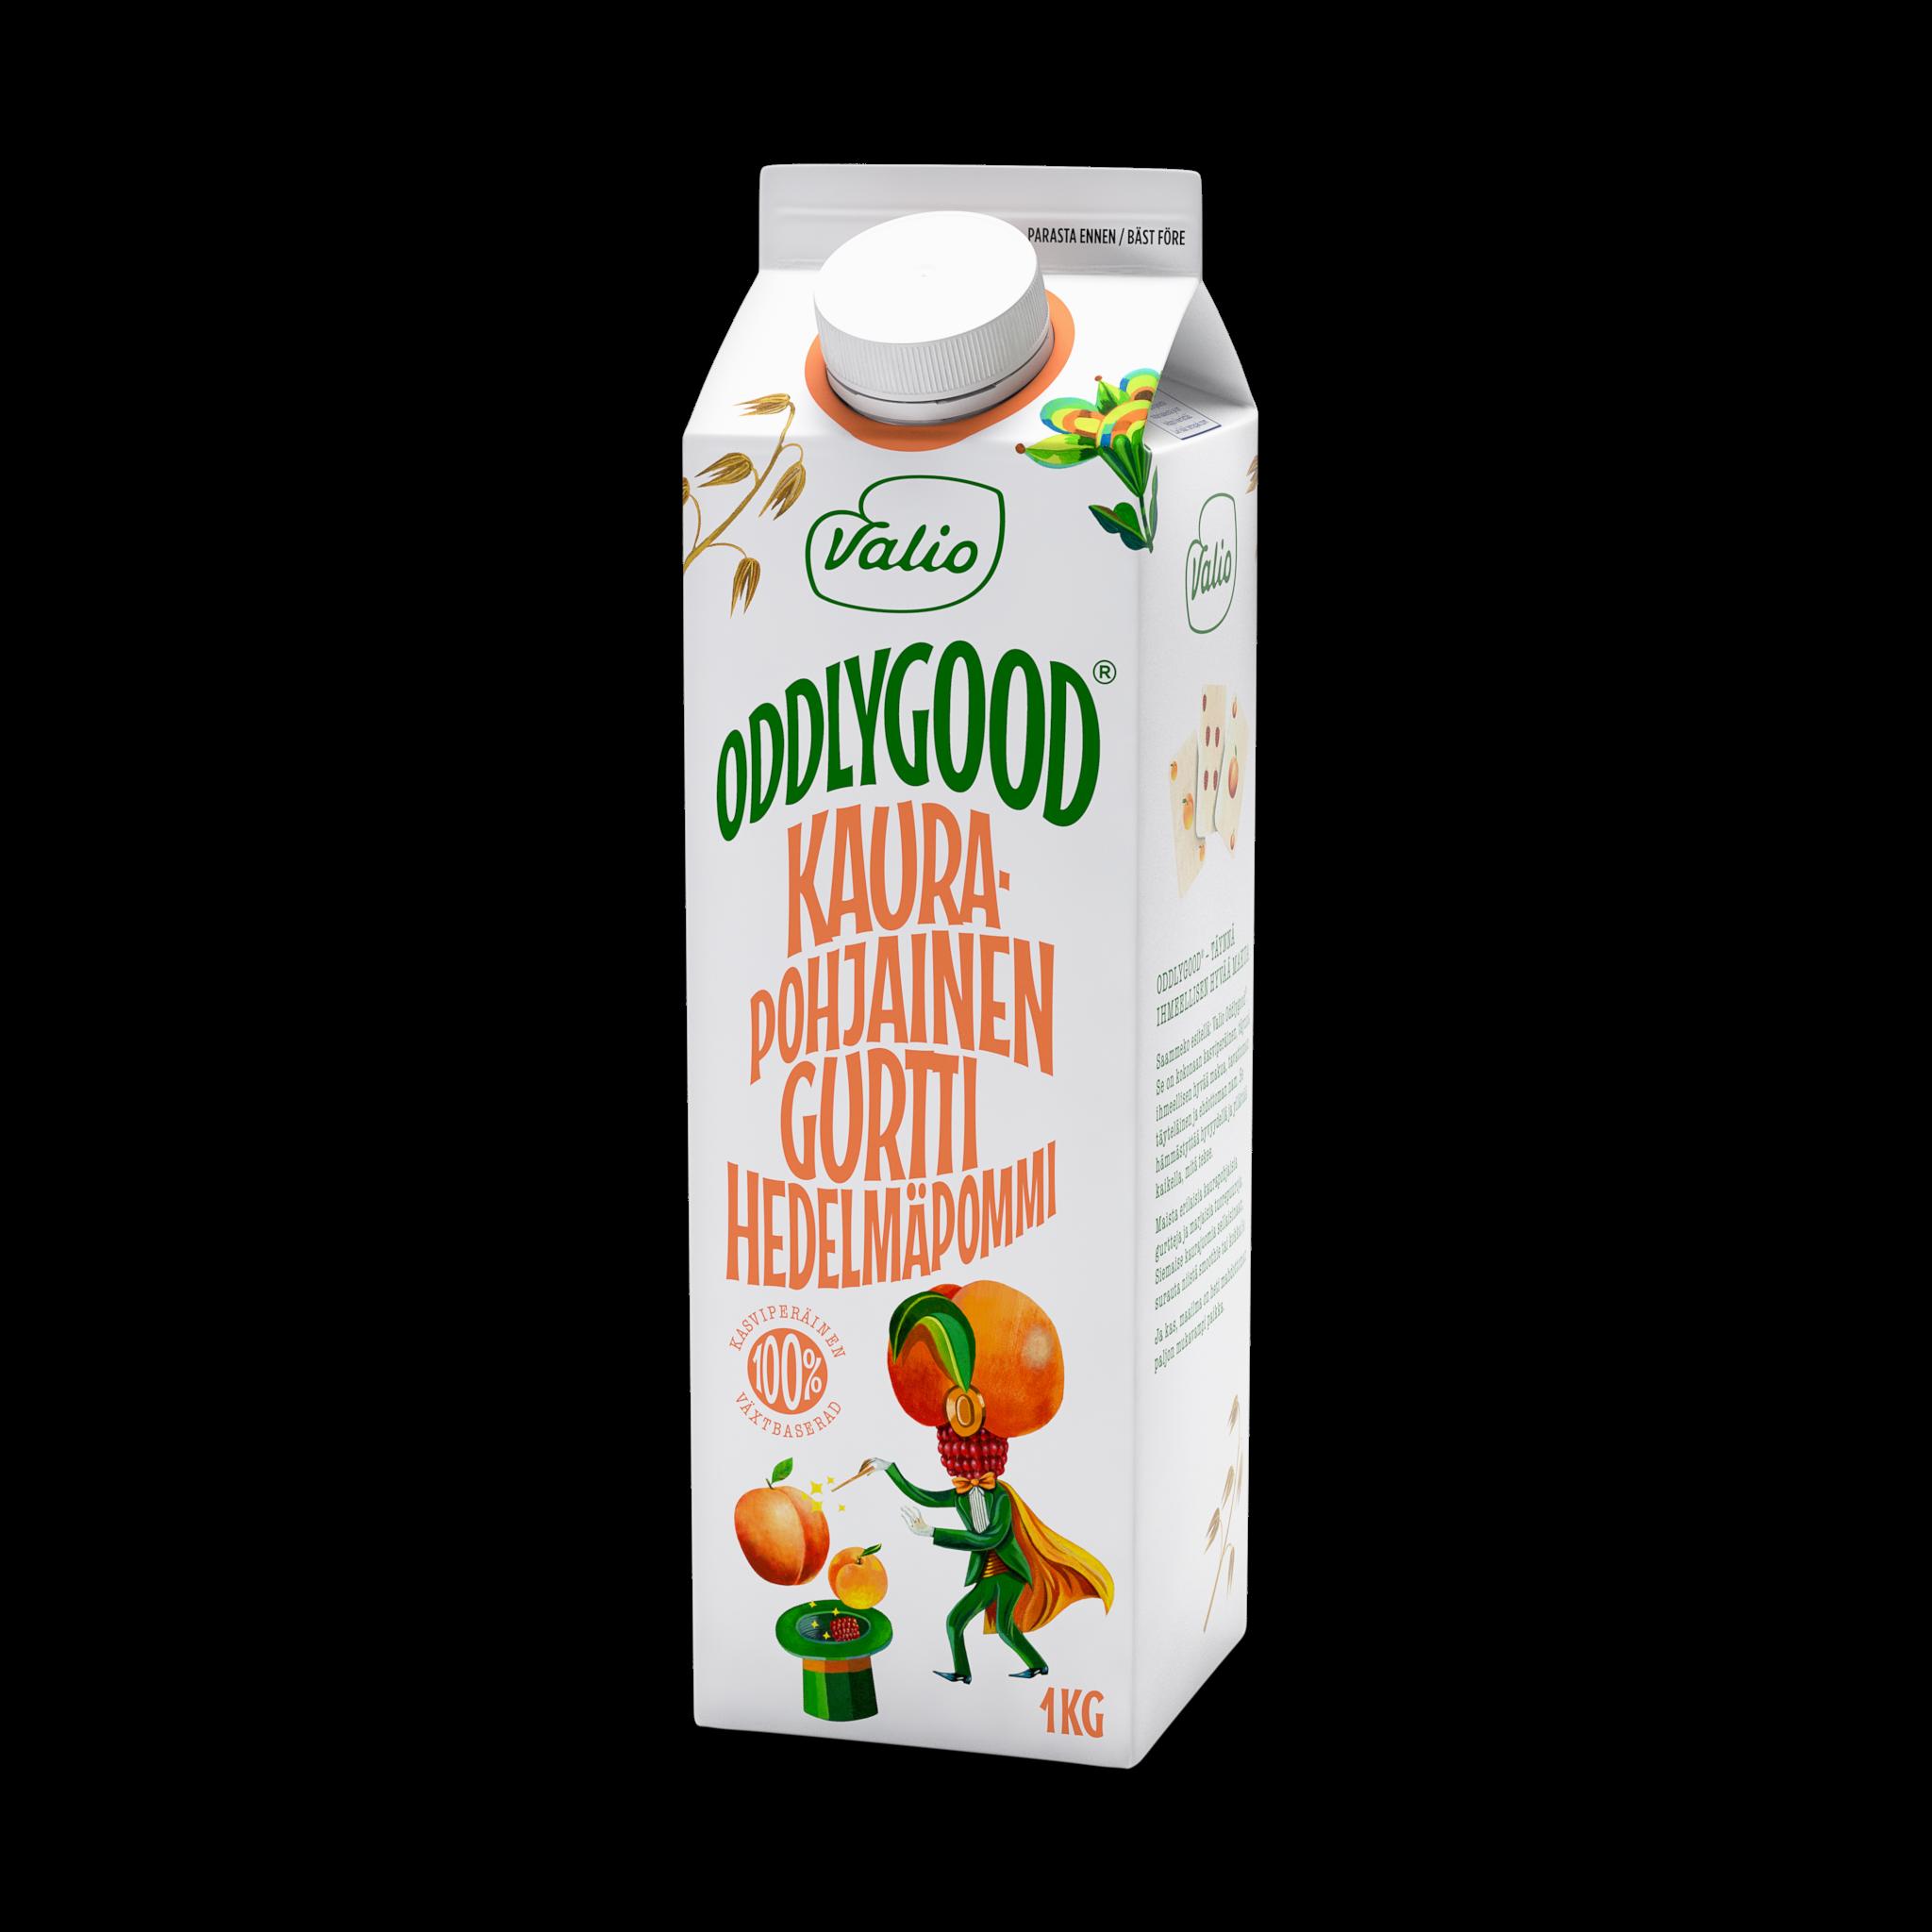 Valio Oddlygood® kaurapohjainen gurtti hedelmäpommi